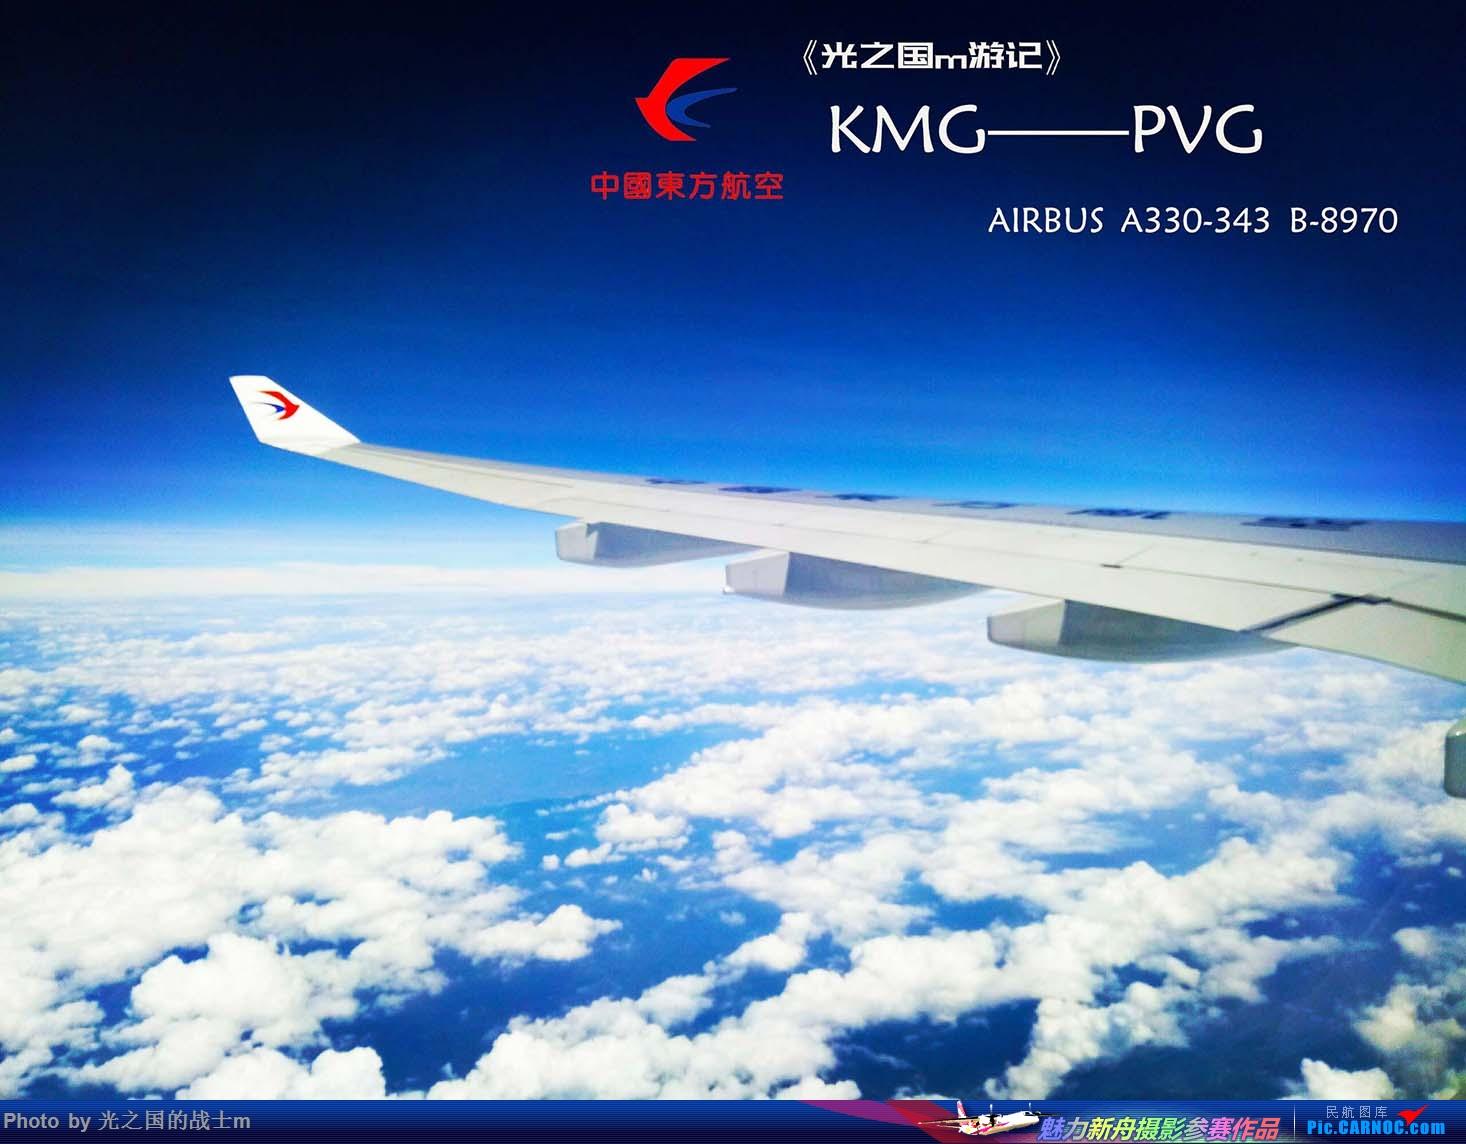 [原创][光之国M游记]KMG-PVG 临时换机大惊喜,体验东航全新33L 高铁商务座初体验!